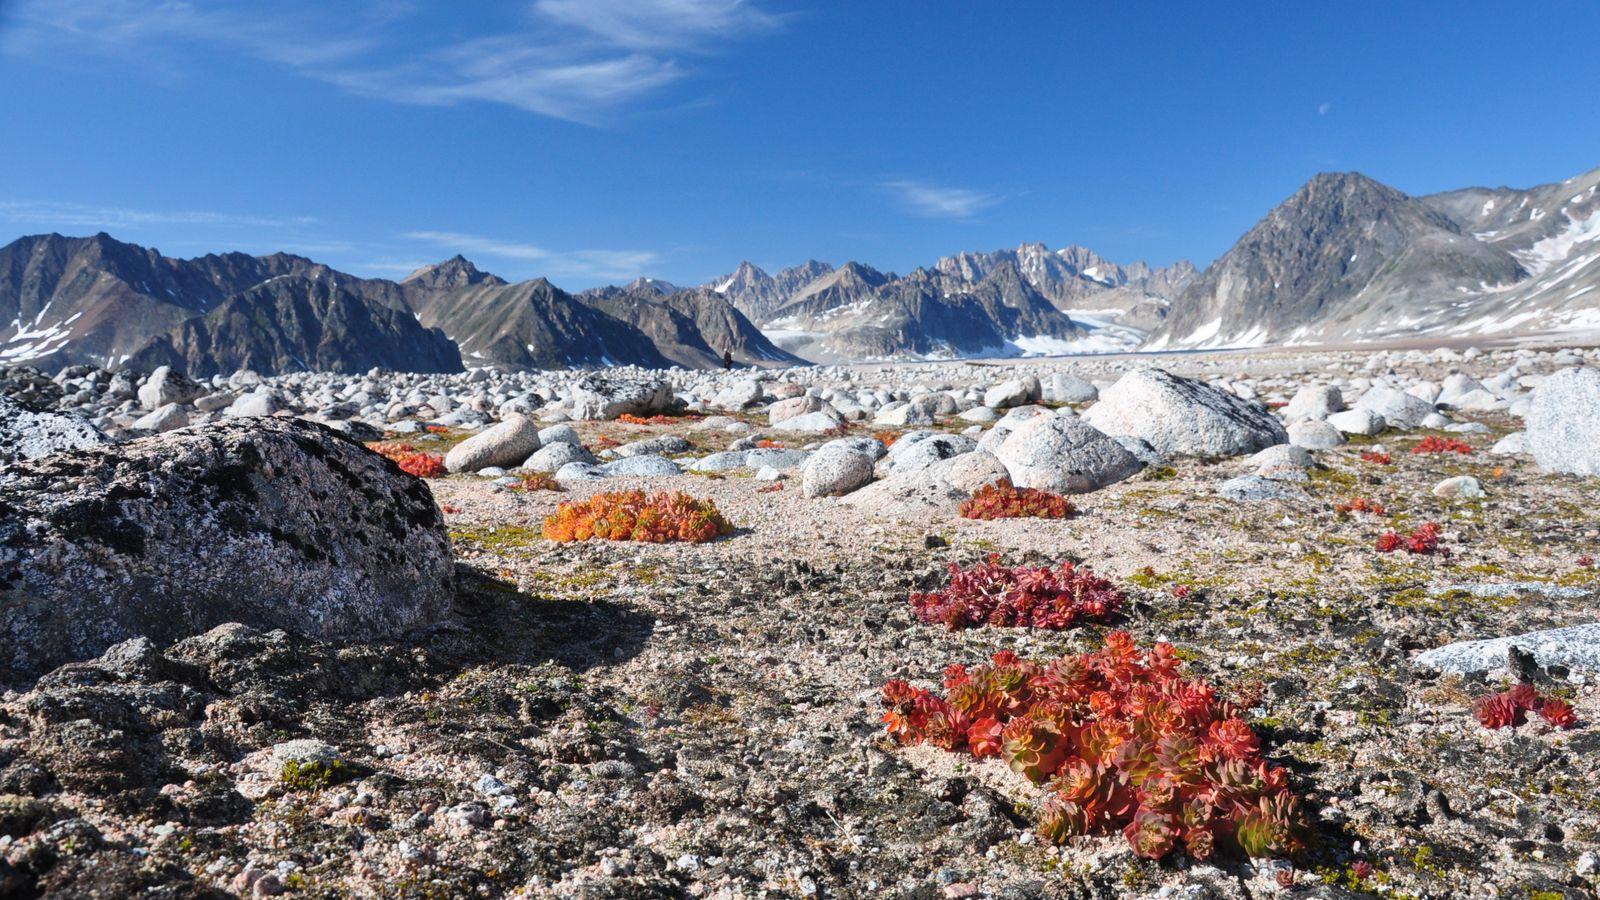 Les lichens et les plantes vivaces, comme les orpins roses sont caractéristiques des déserts glacés. Avec ...